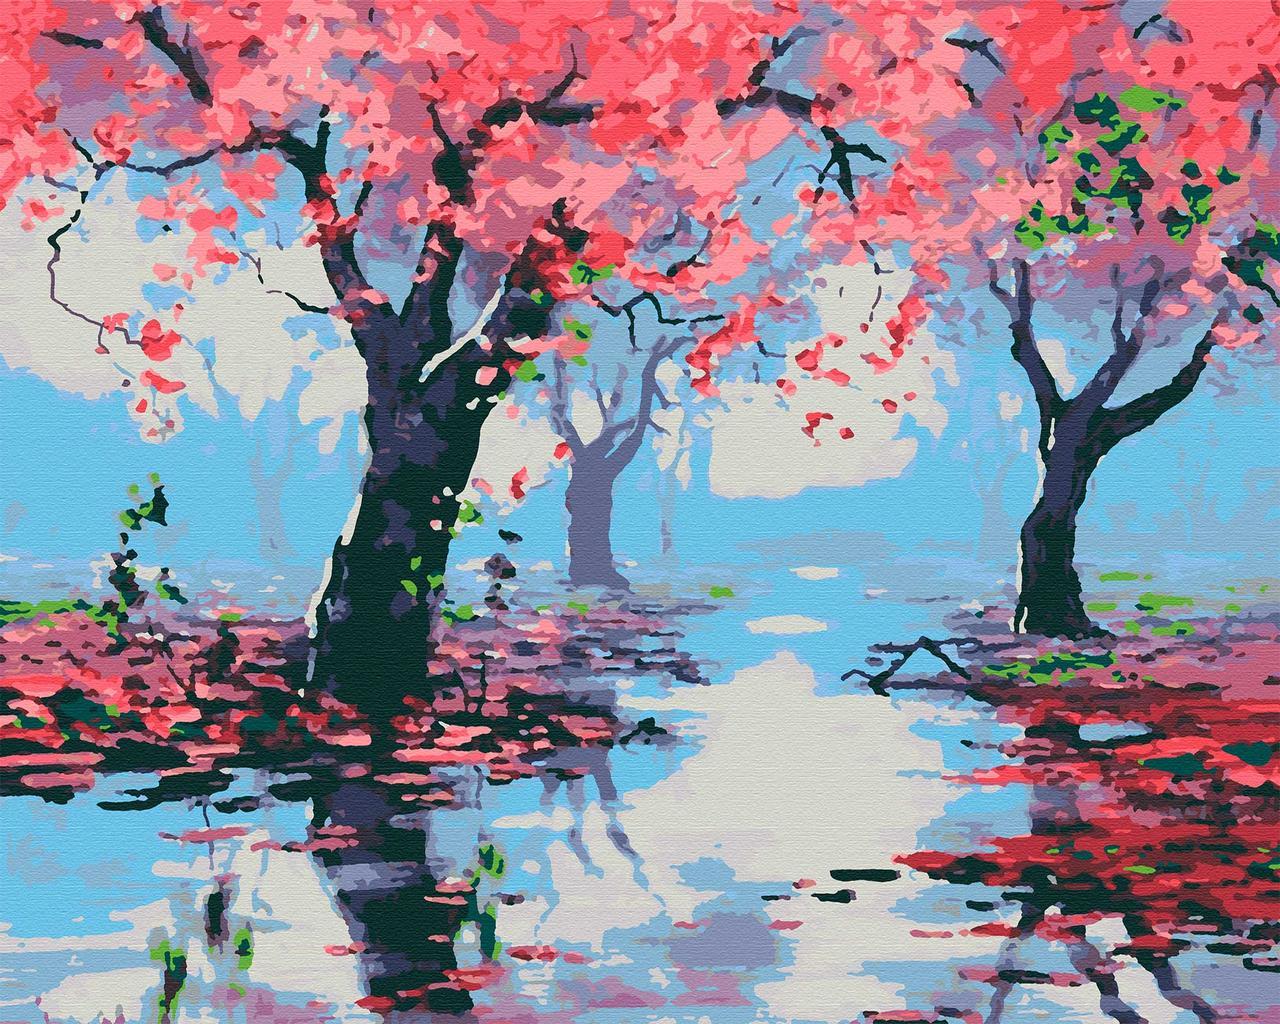 Картина по номерам пейзаж 40х50 Сакура после дождя